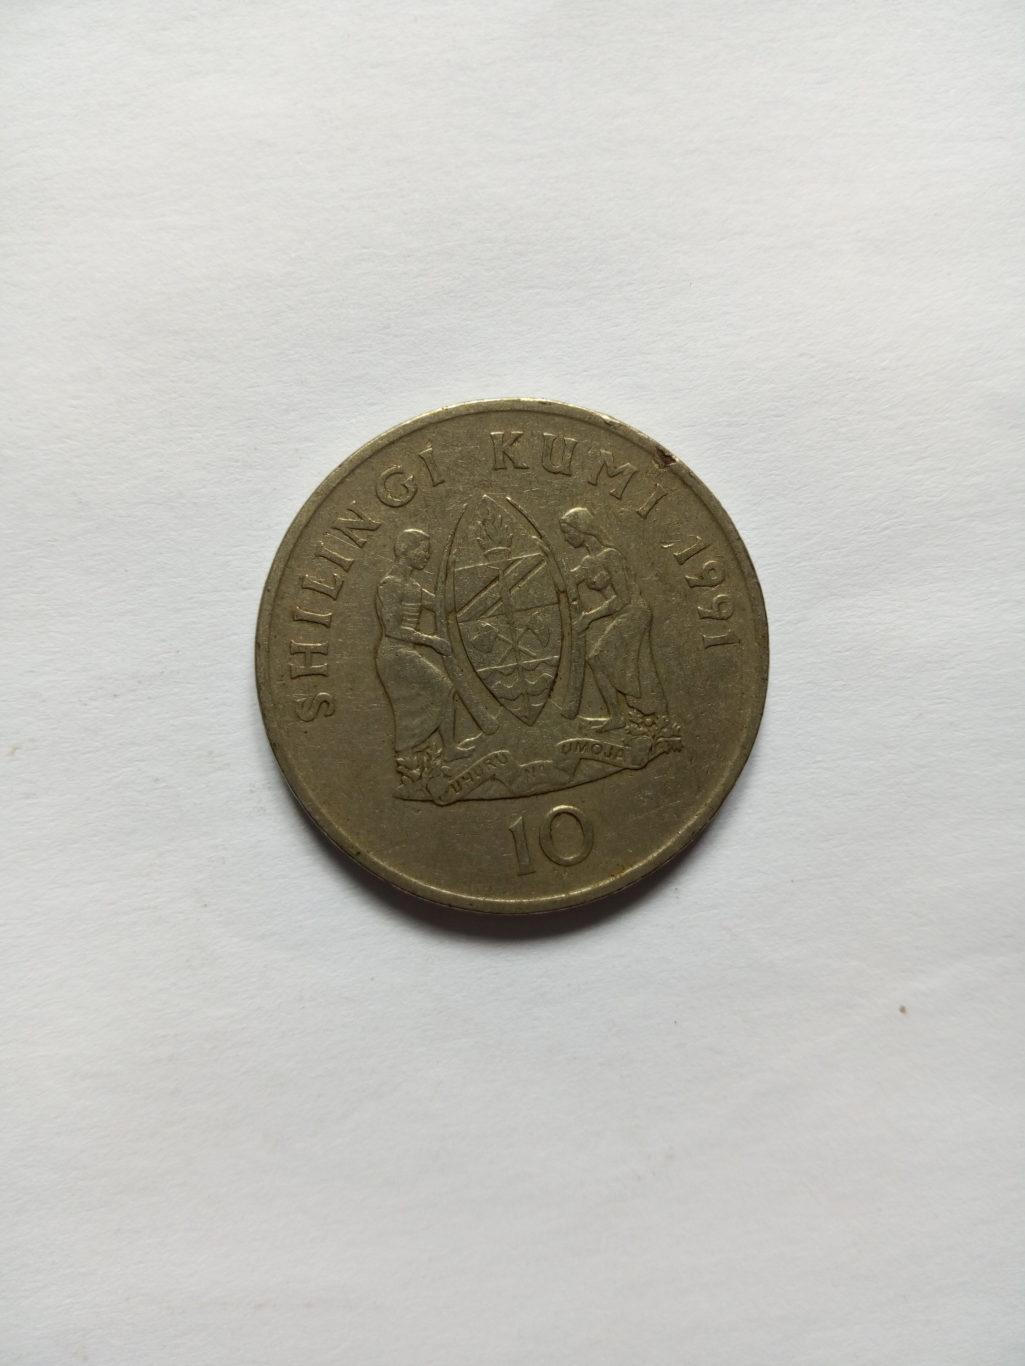 1991_shilingi 10 ya tanzania